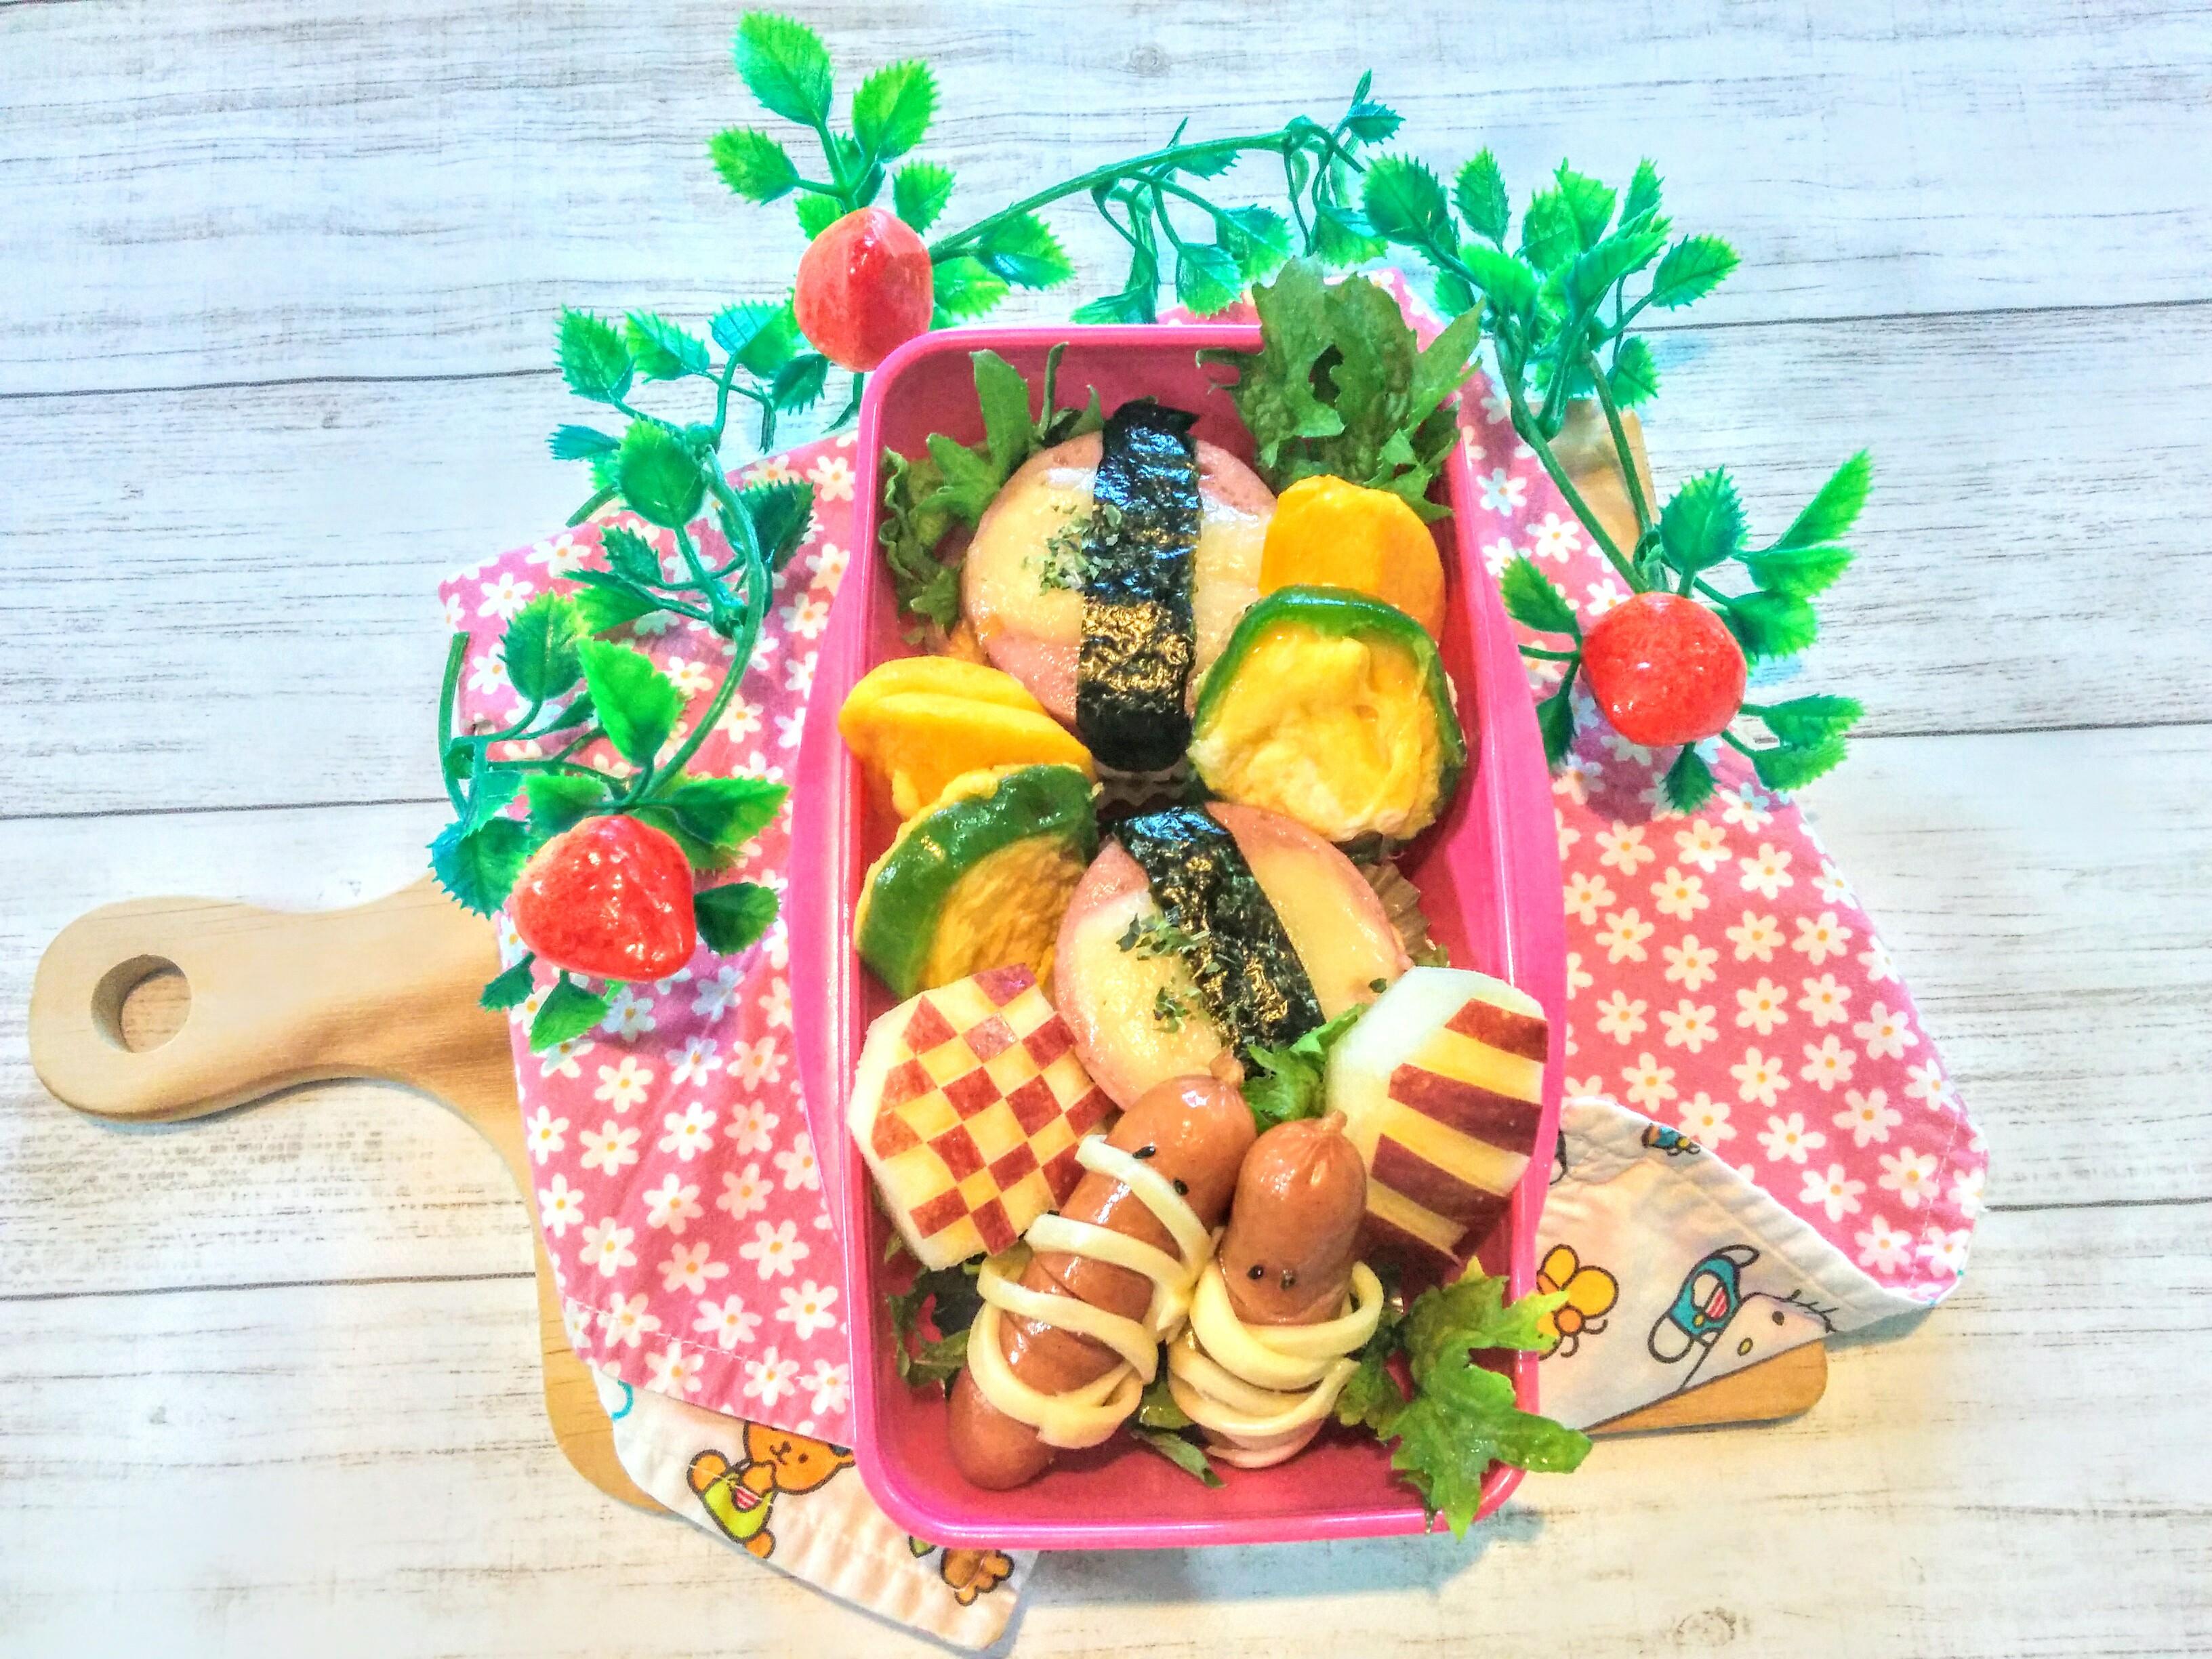 【小樽】娘の今日のお弁当・スパム弁当グルメ案内です。